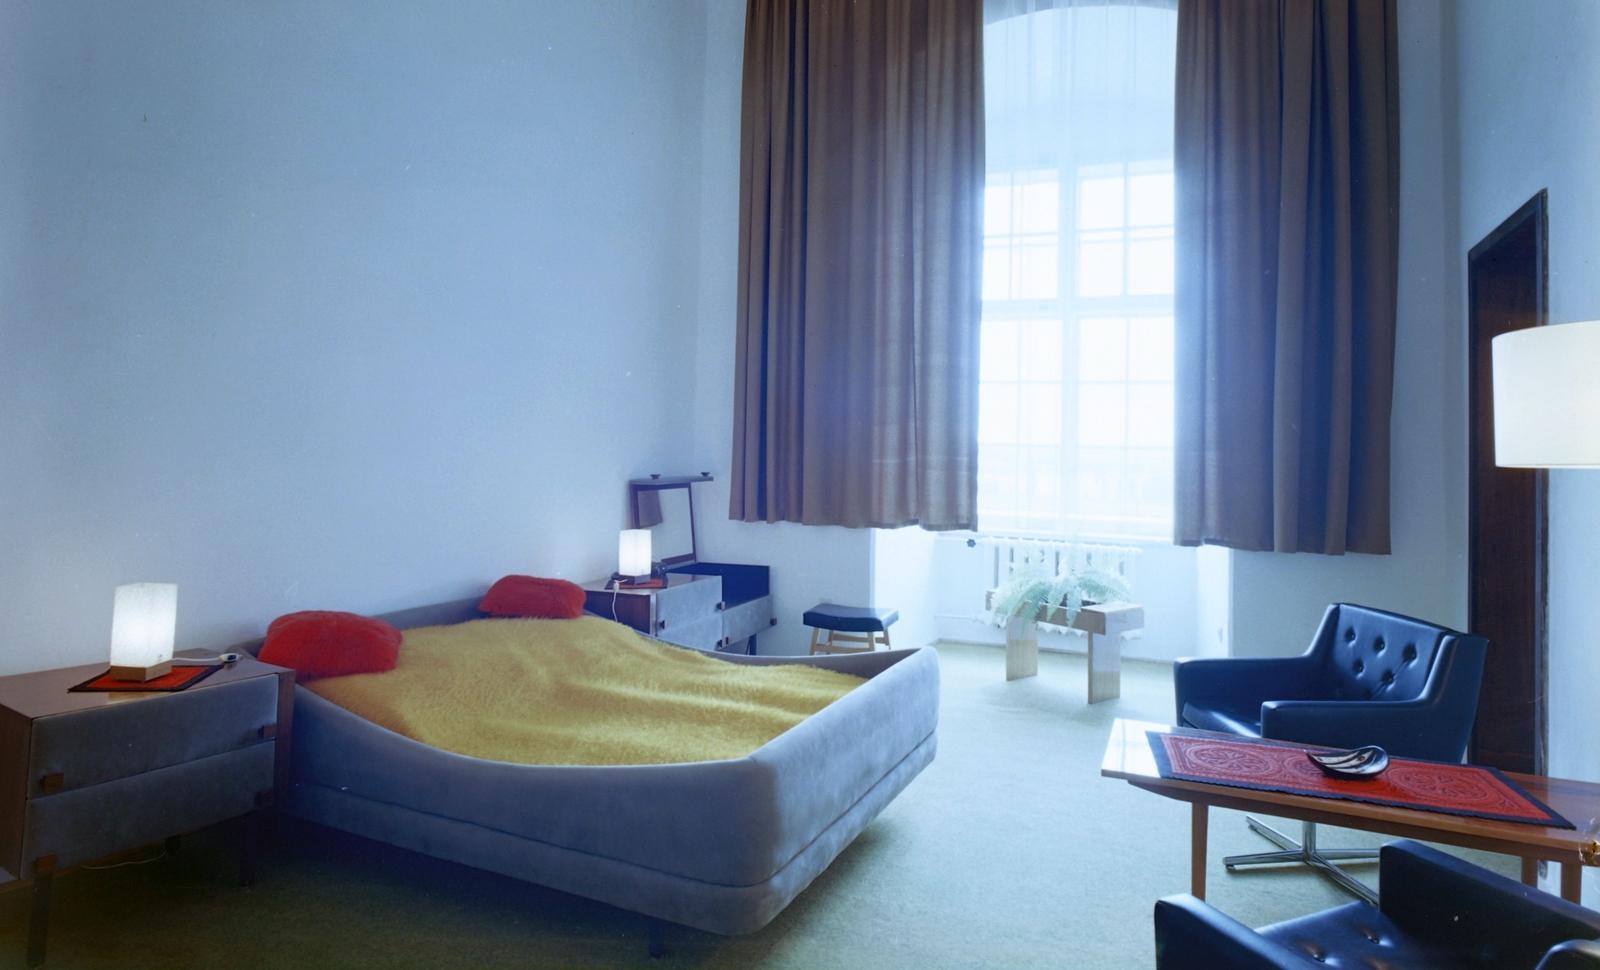 Kedvencünk ez az ágy, ami egy sajnos azóta már megszűnt siklósi hotelszobát ékesített. (Fotó: Fortepan)